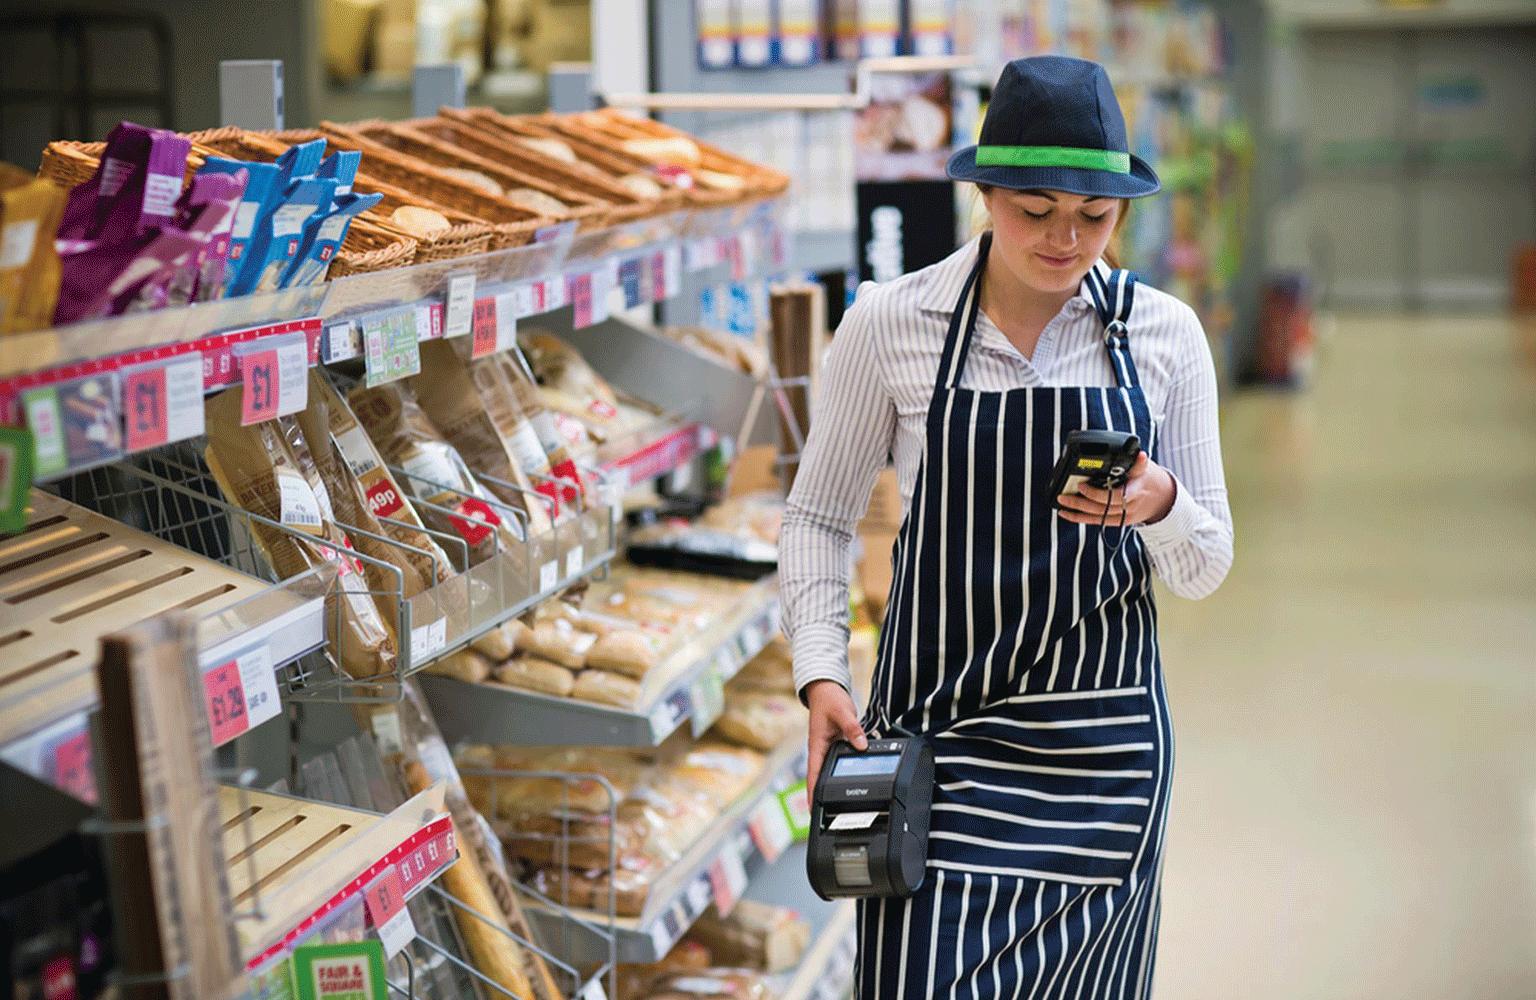 Prodavačica u šetnji supermarketom s RJ Brother pisačem naljepnica pričvršćenim oko struka